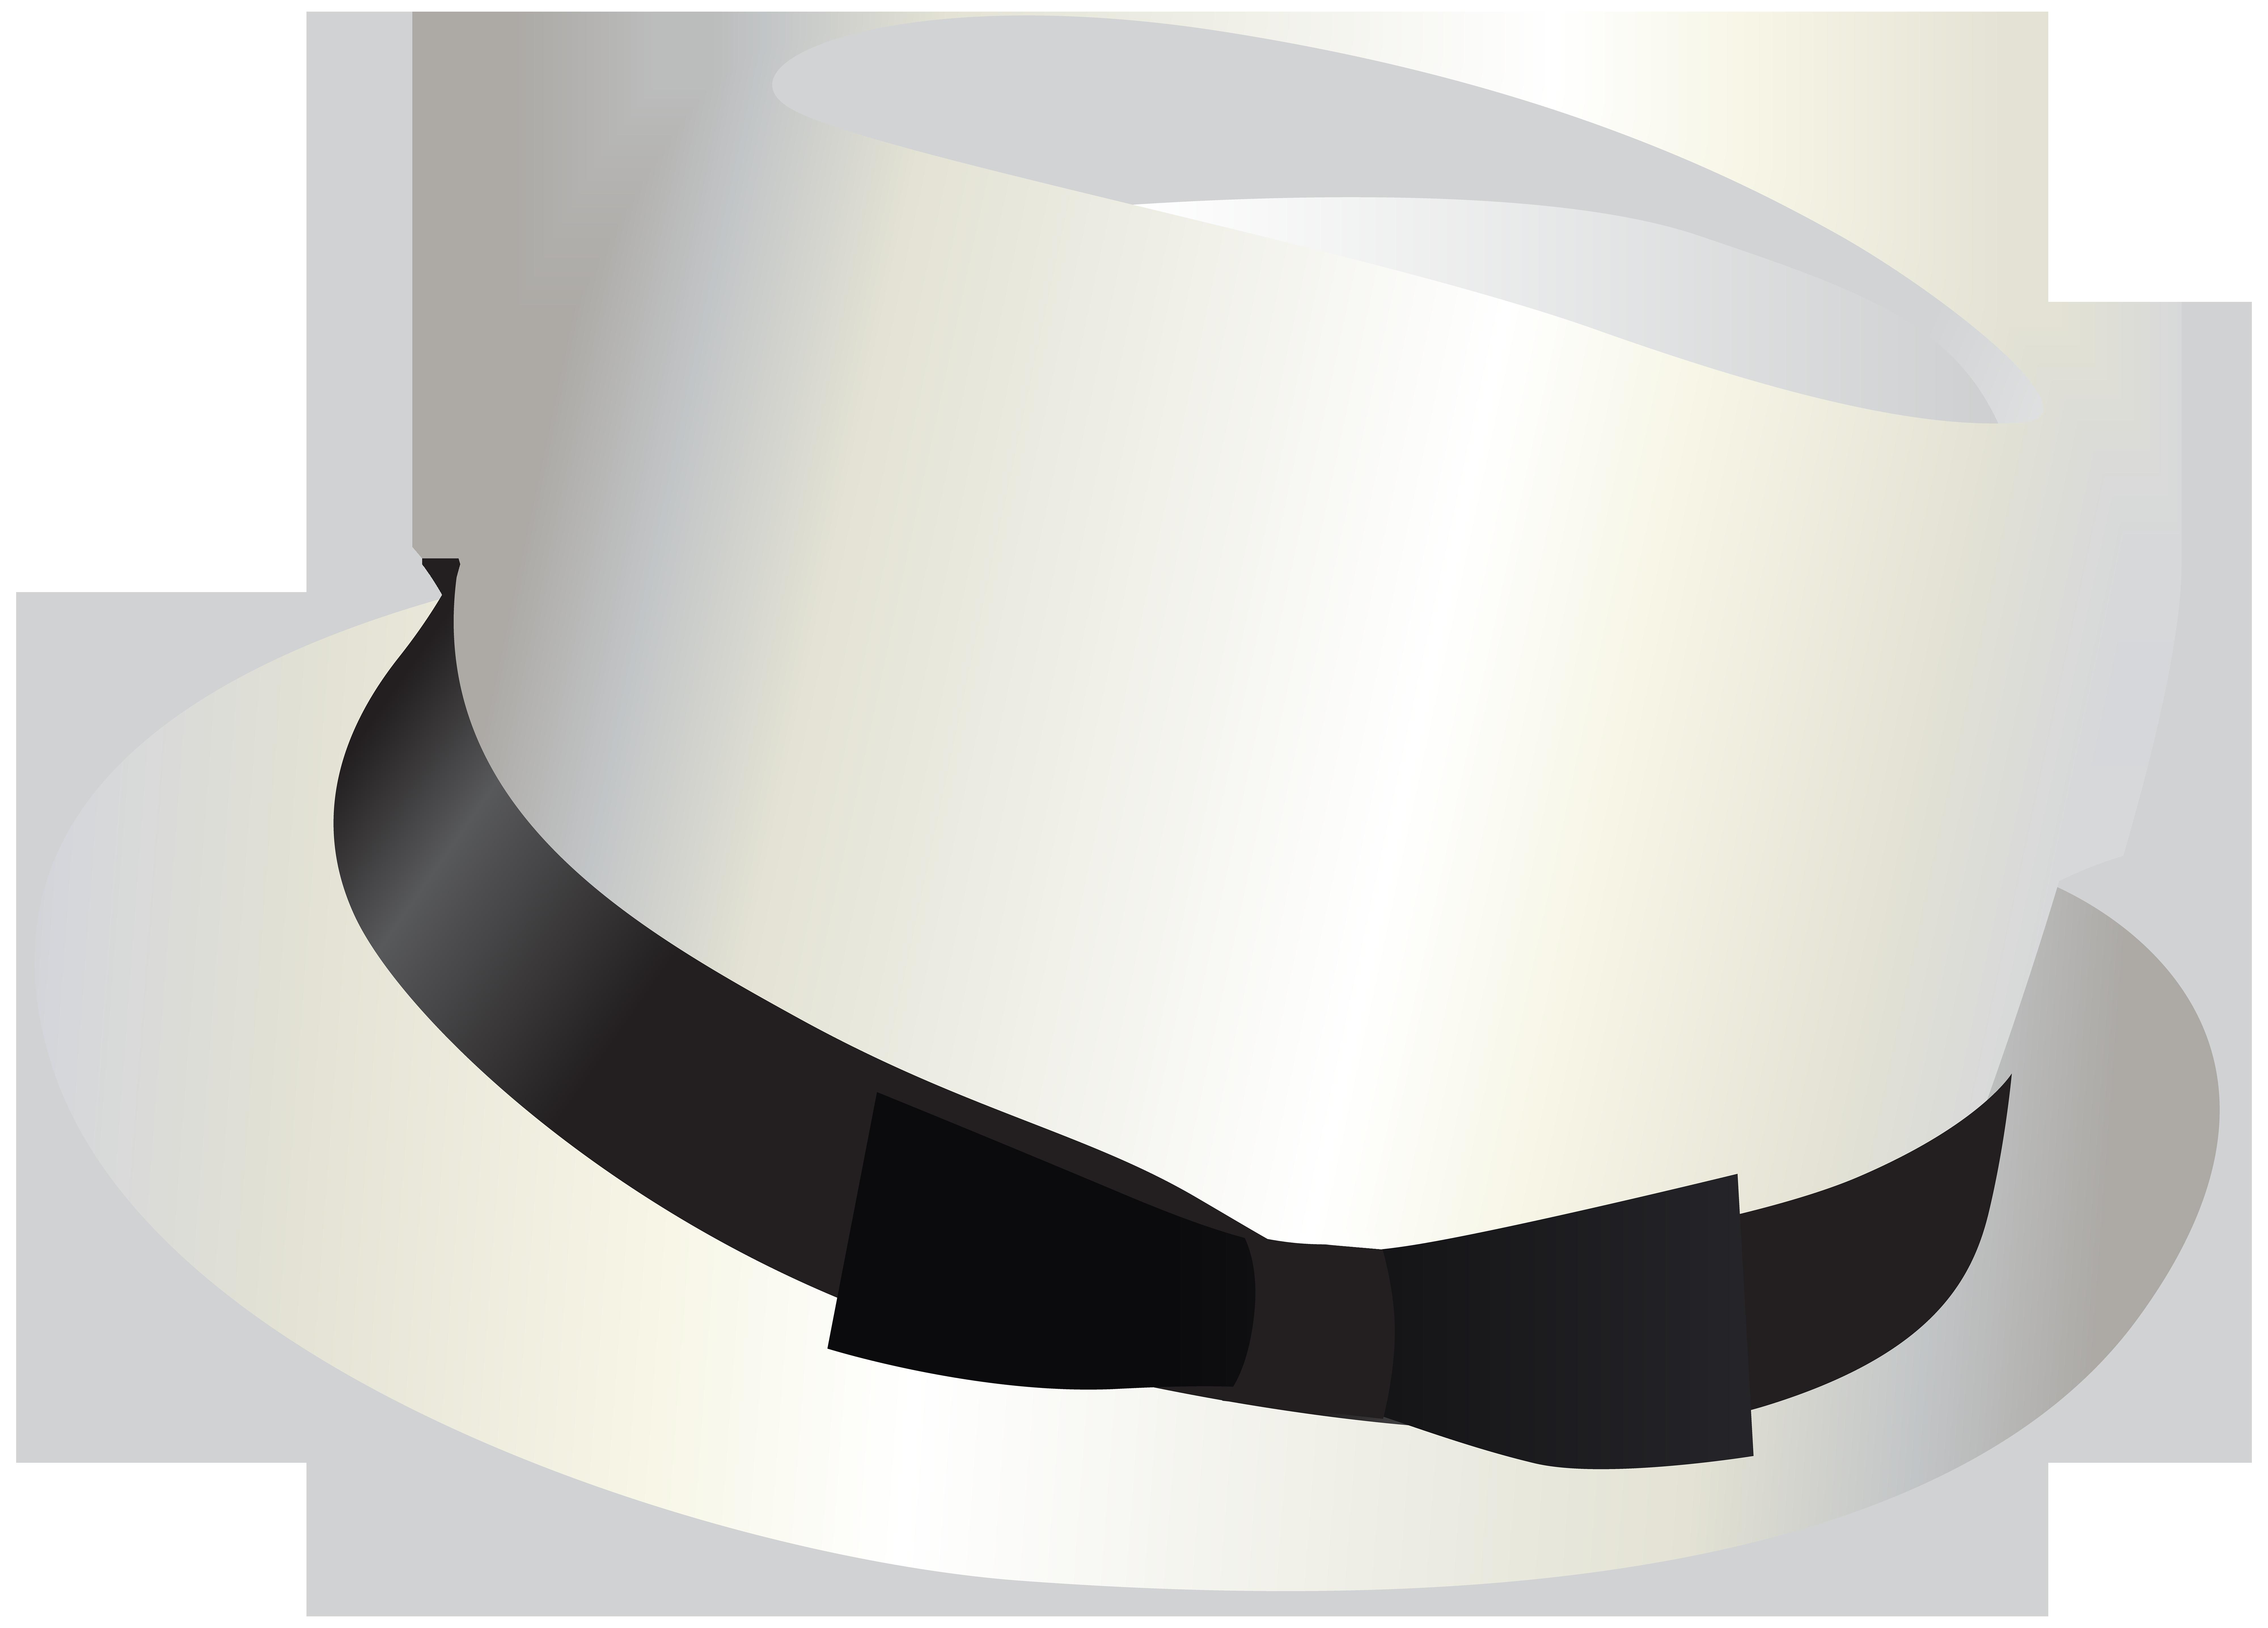 White Hat Transparent PNG Clip Art Image.